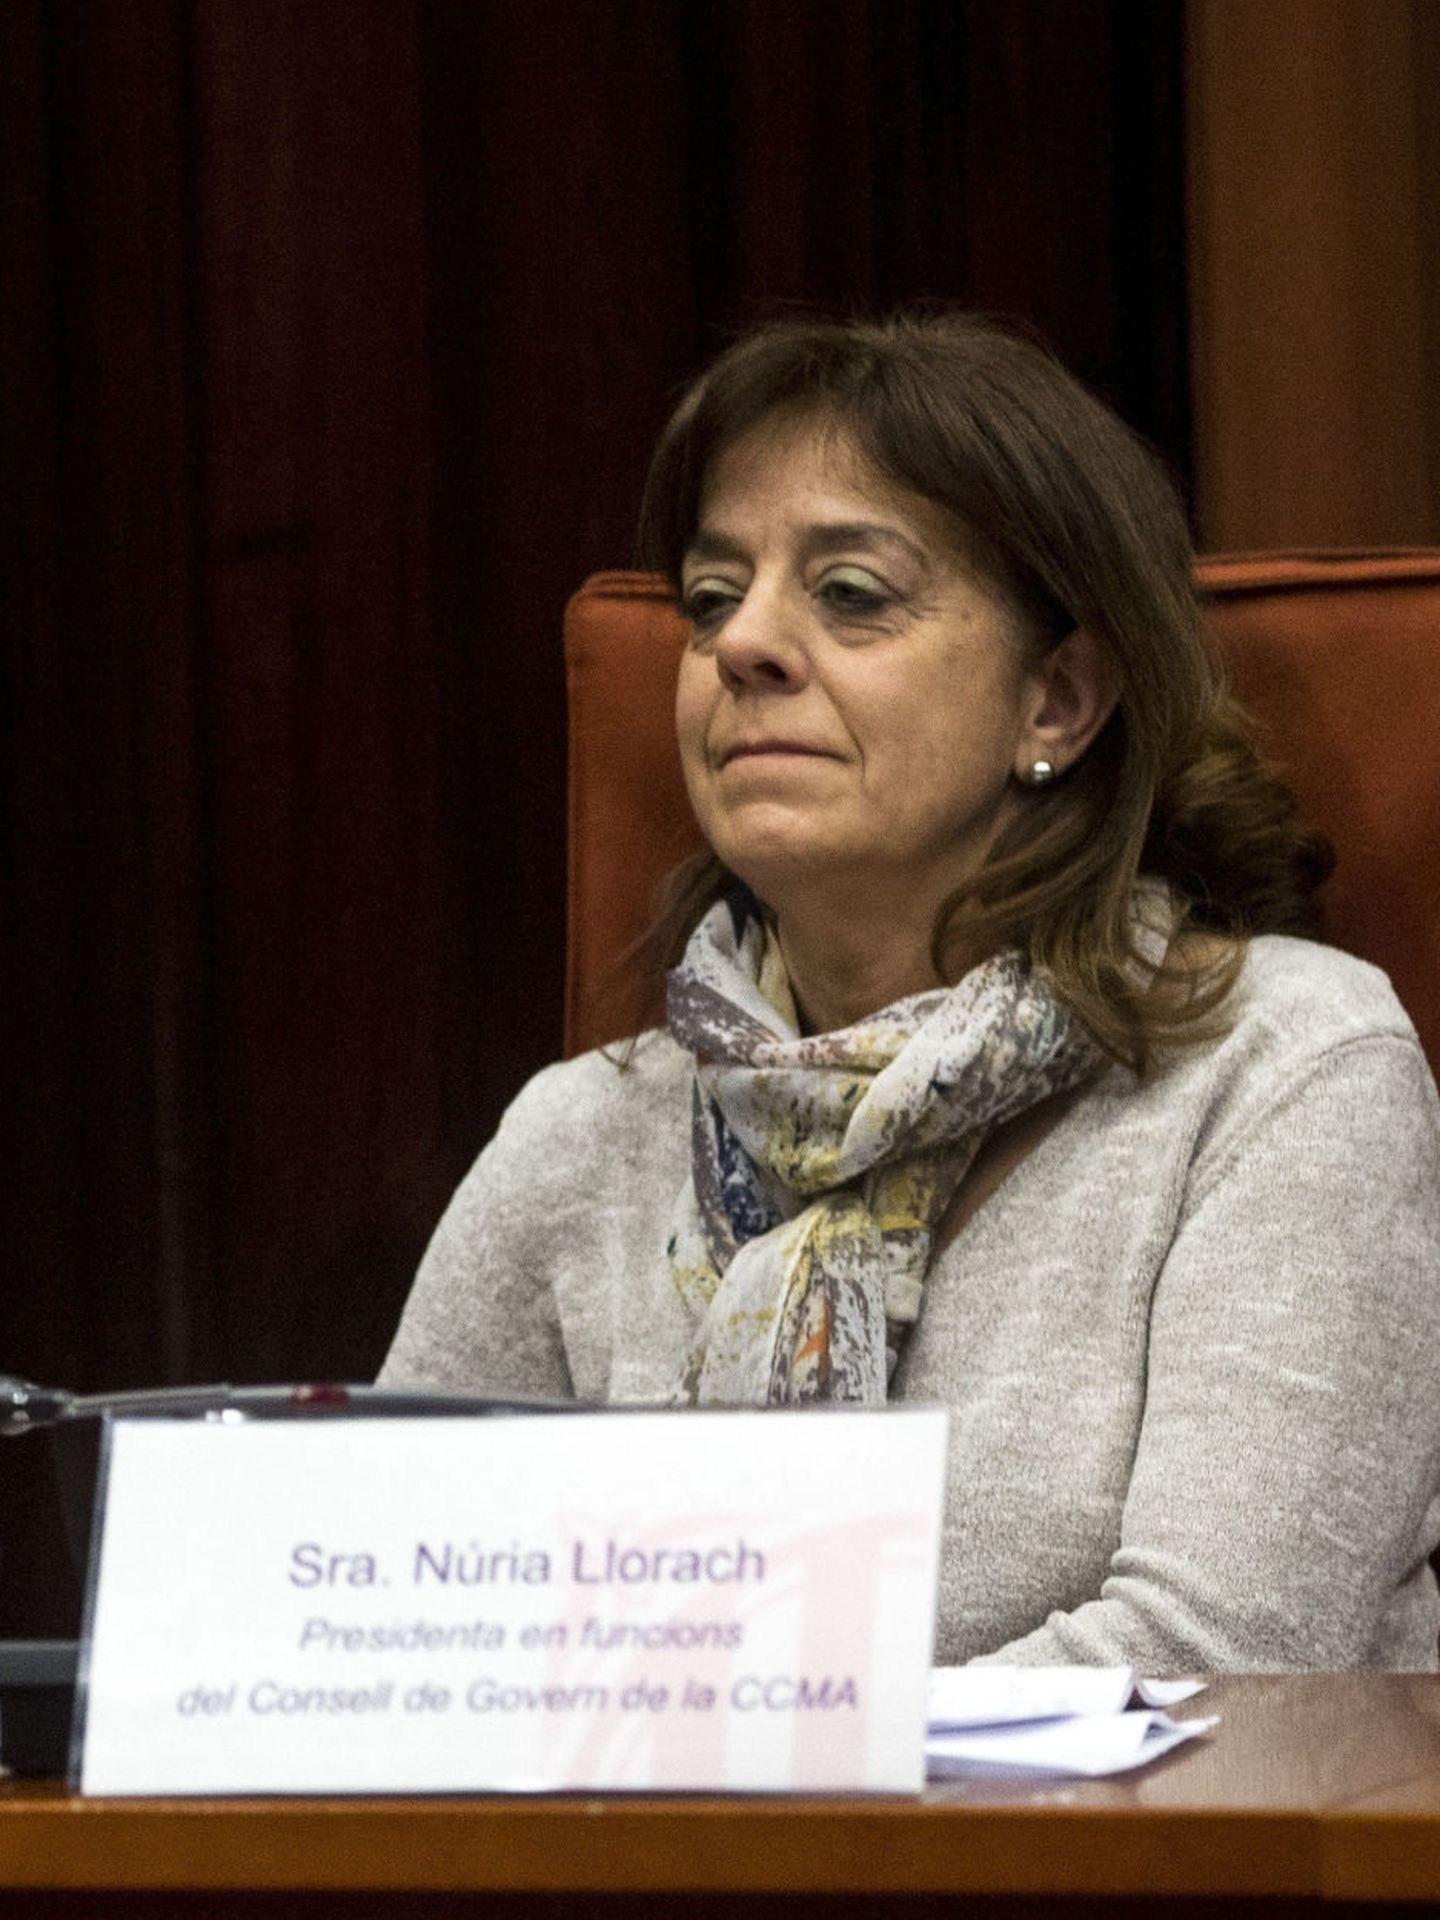 La presidenta de CCMA, Núria Llorach. (EFE)